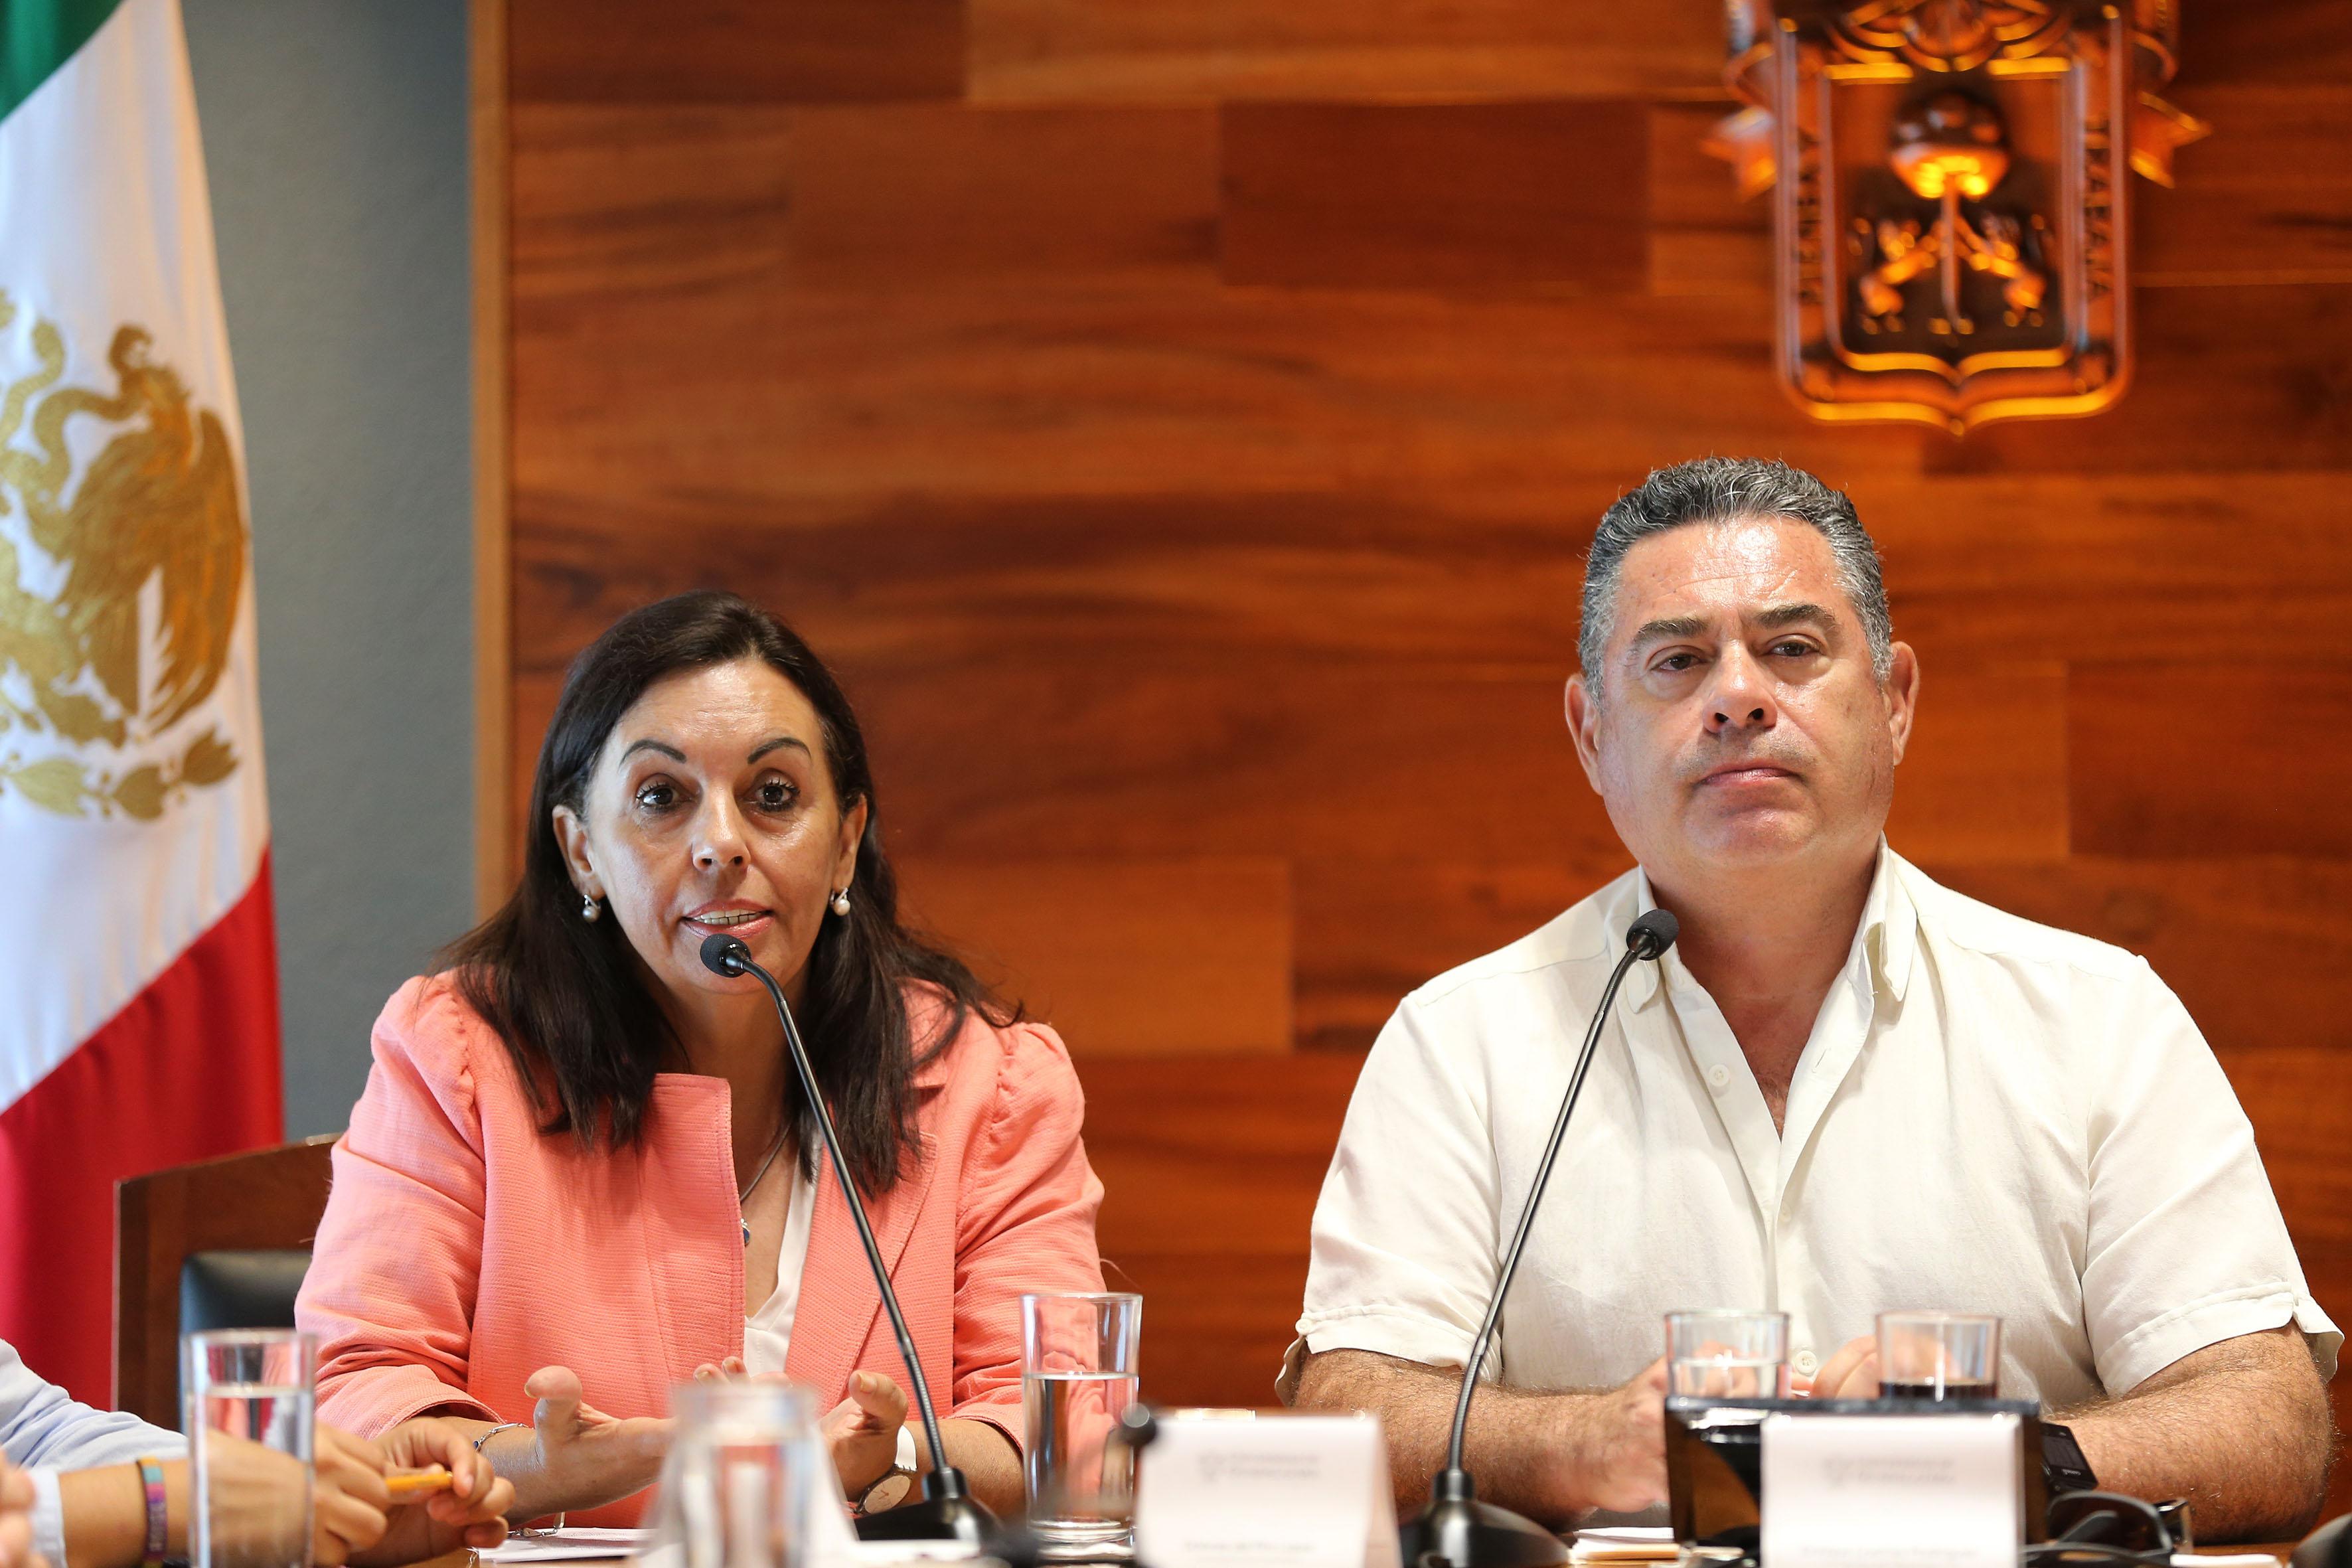 Mtra. Dolores del Río López, Secretaria Académica del Centro Universitario de Arte, Arquitectura y Diseño (CUAAD), de la Universidad de Guadalajara, haciendo uso de la palabra